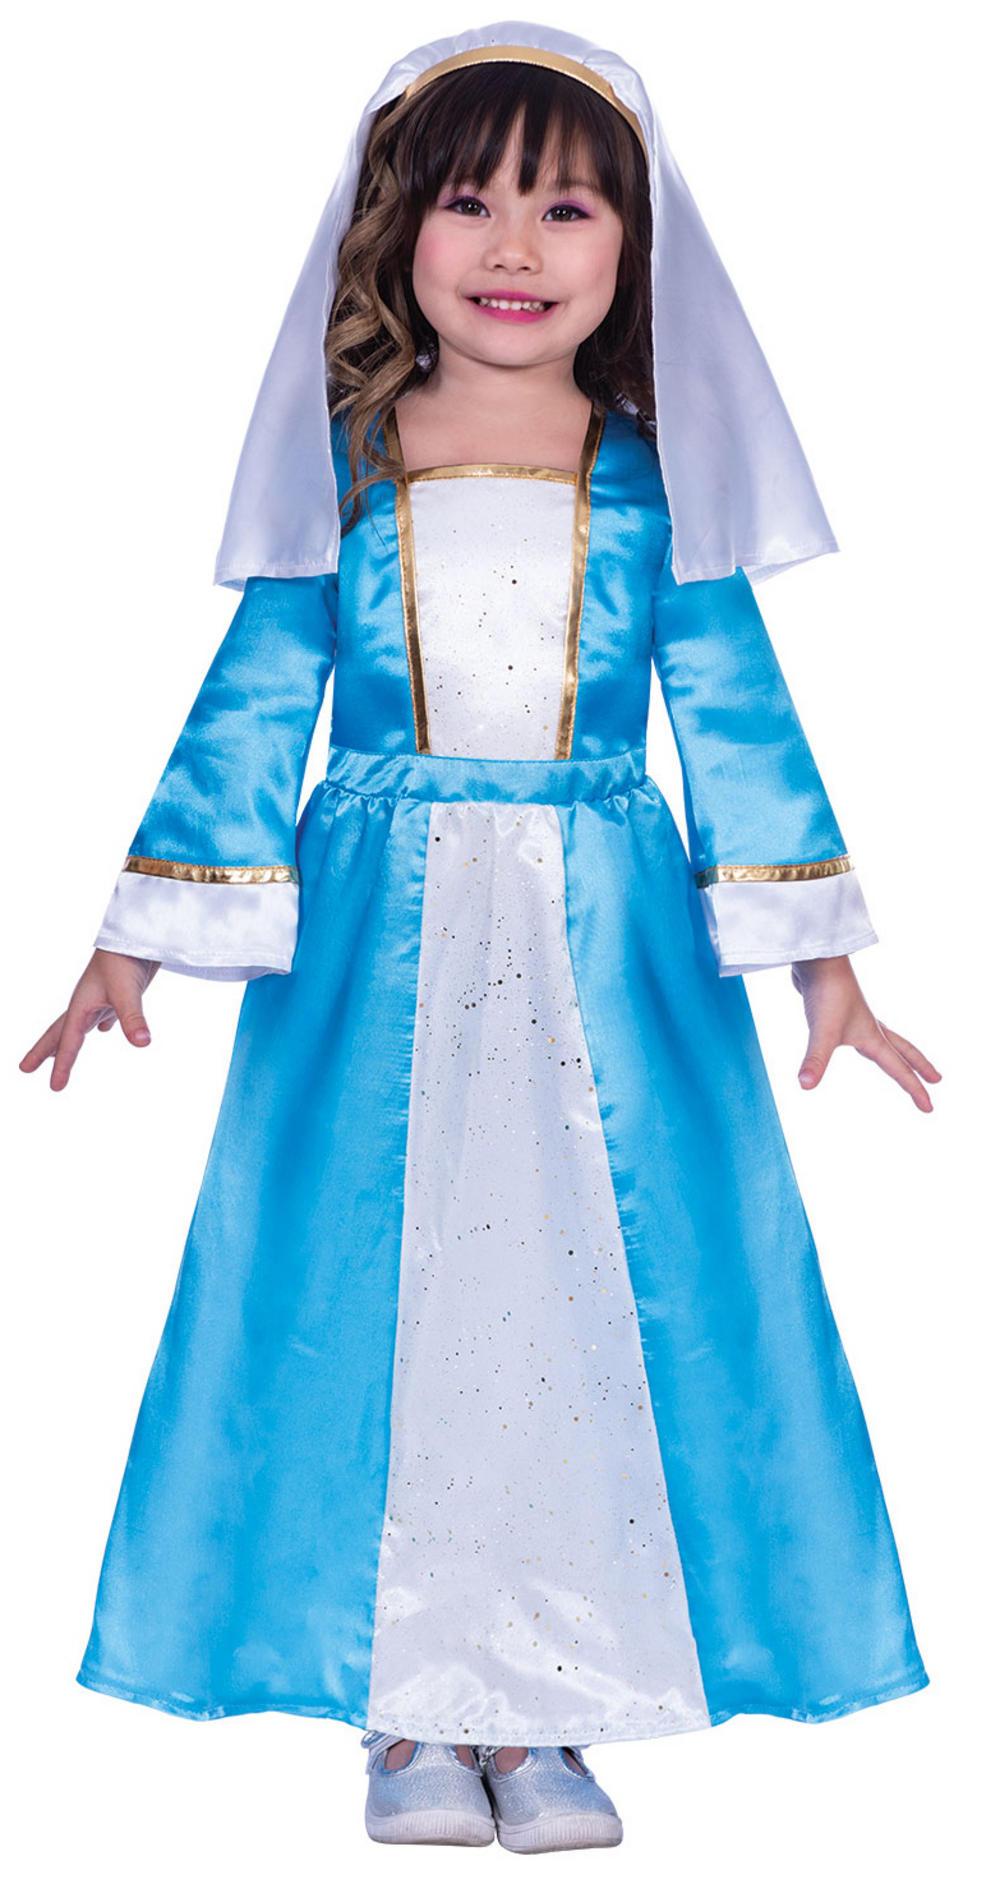 Mary Girls Costume